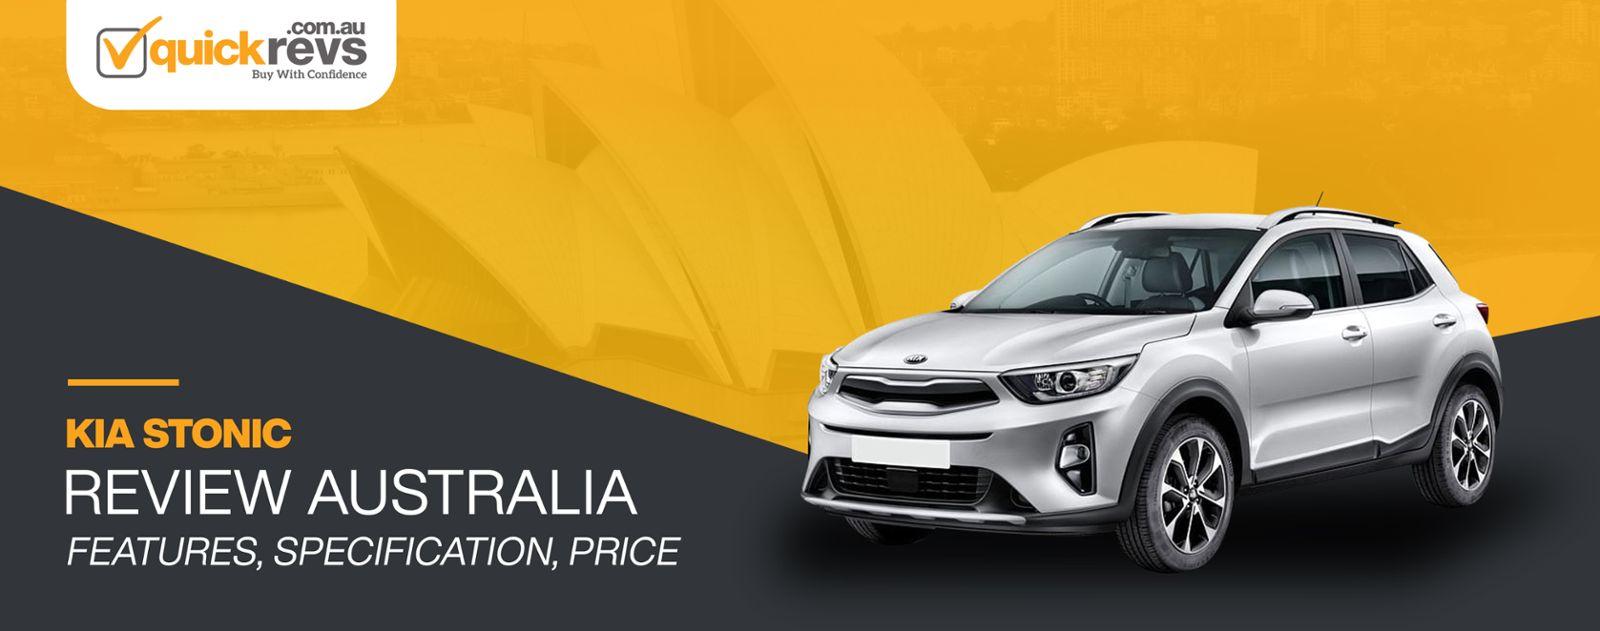 Kia Stonic Review Australia